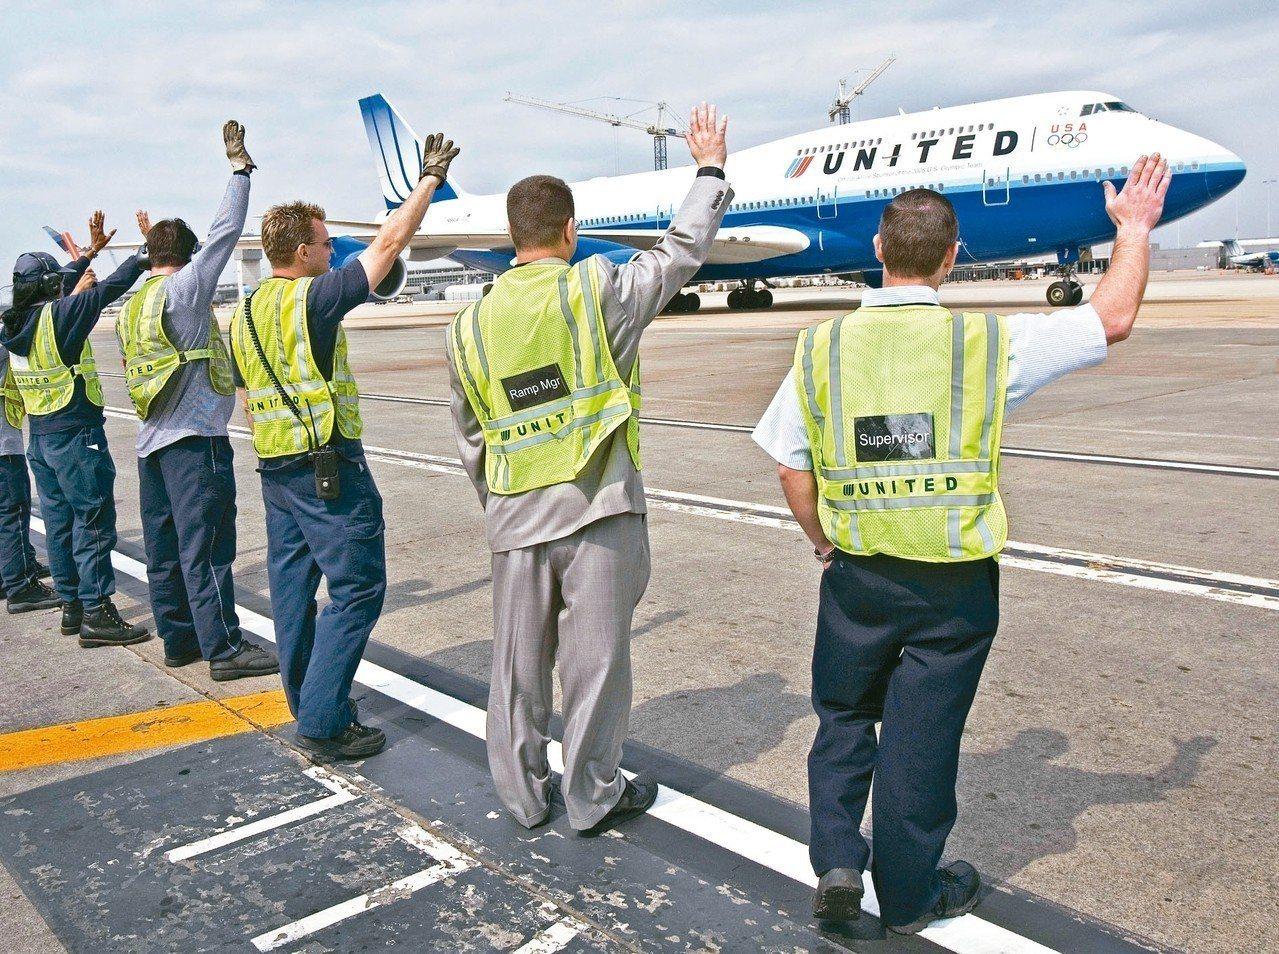 白宮五日批評中國大陸,企圖將自己的政治正確觀念強加給美國航空公司。圖為華府杜勒斯...